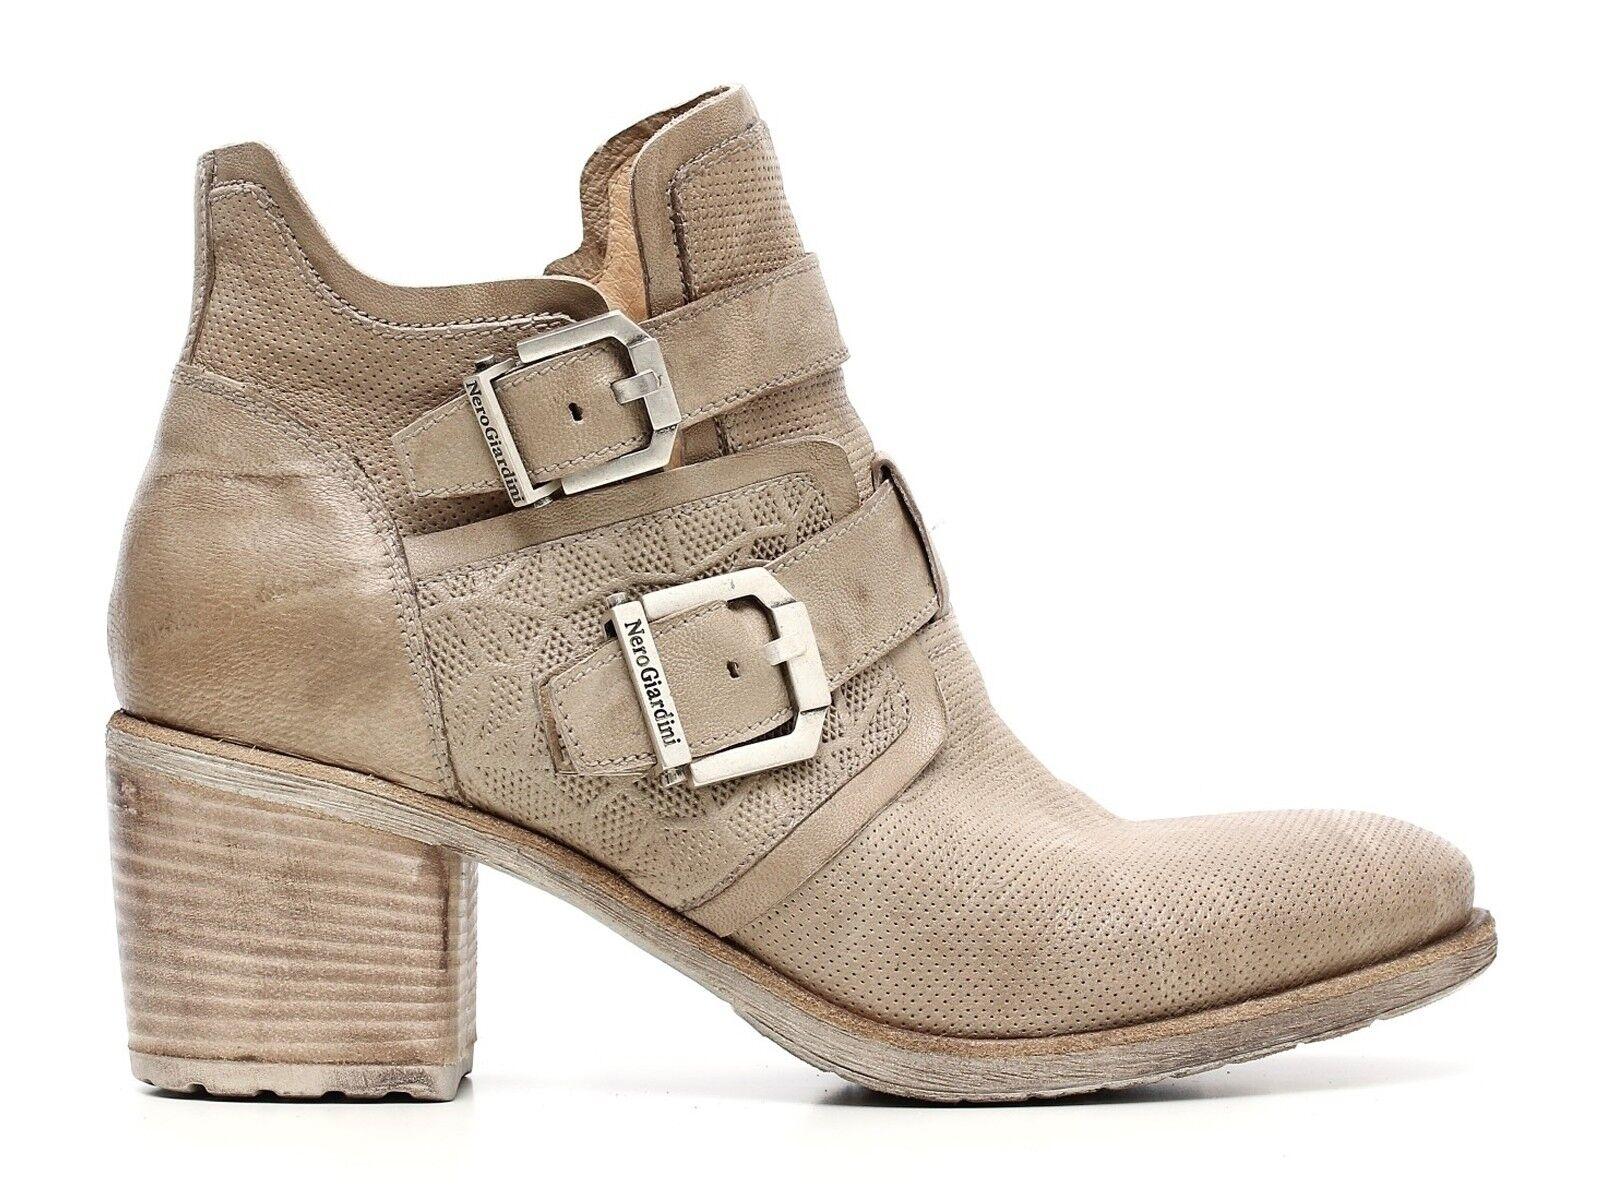 Grandes zapatos con descuento SCARPE DONNA NERO GIARDINI ESTATE P717151D 439  TRONCHETTI CHAMPAGNE